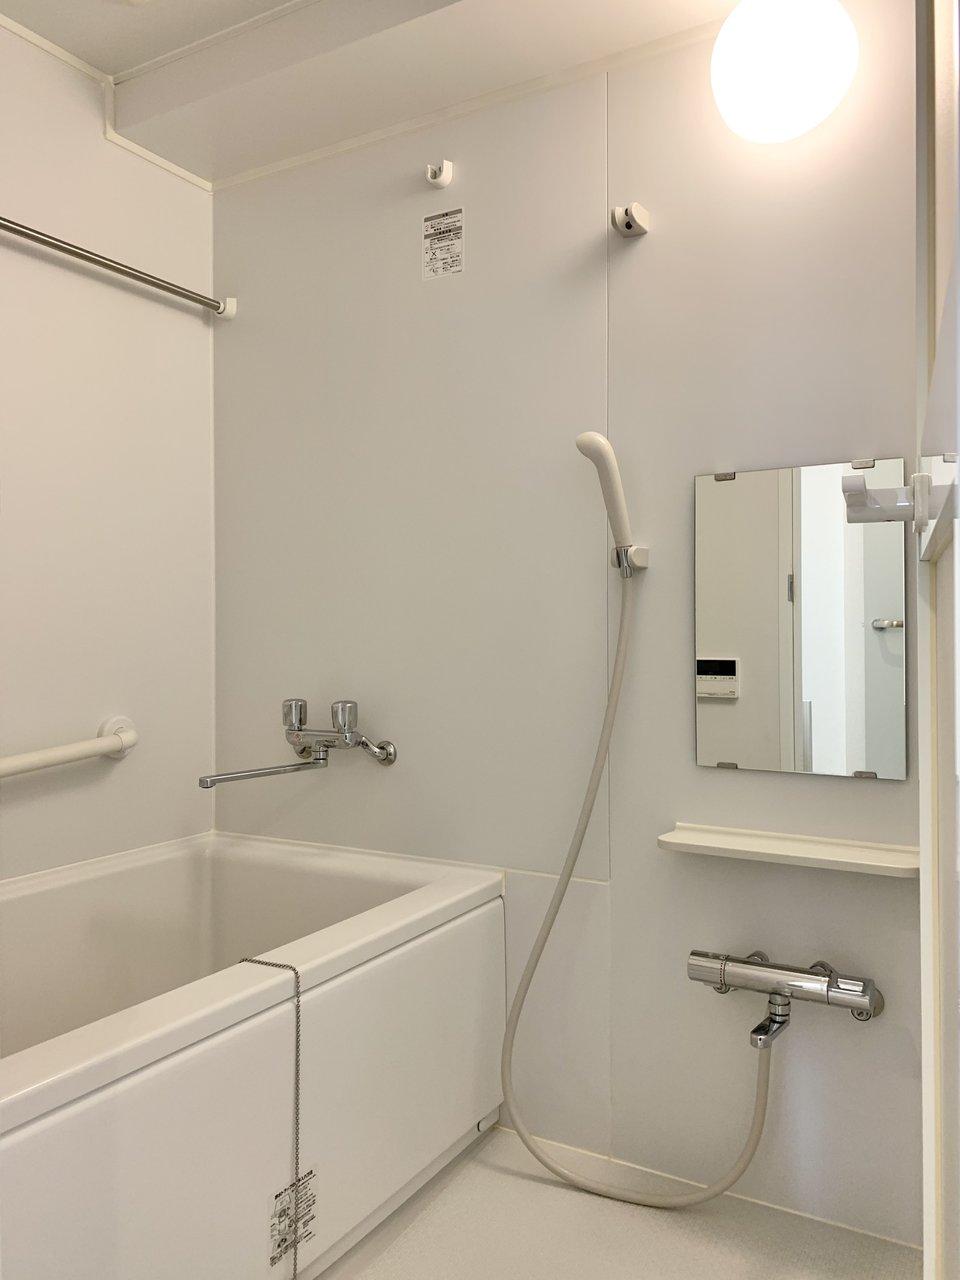 水回りも使いやすく生まれ変わりました。追い焚き機能付きバスルームで心身ともにリフレッシュ。